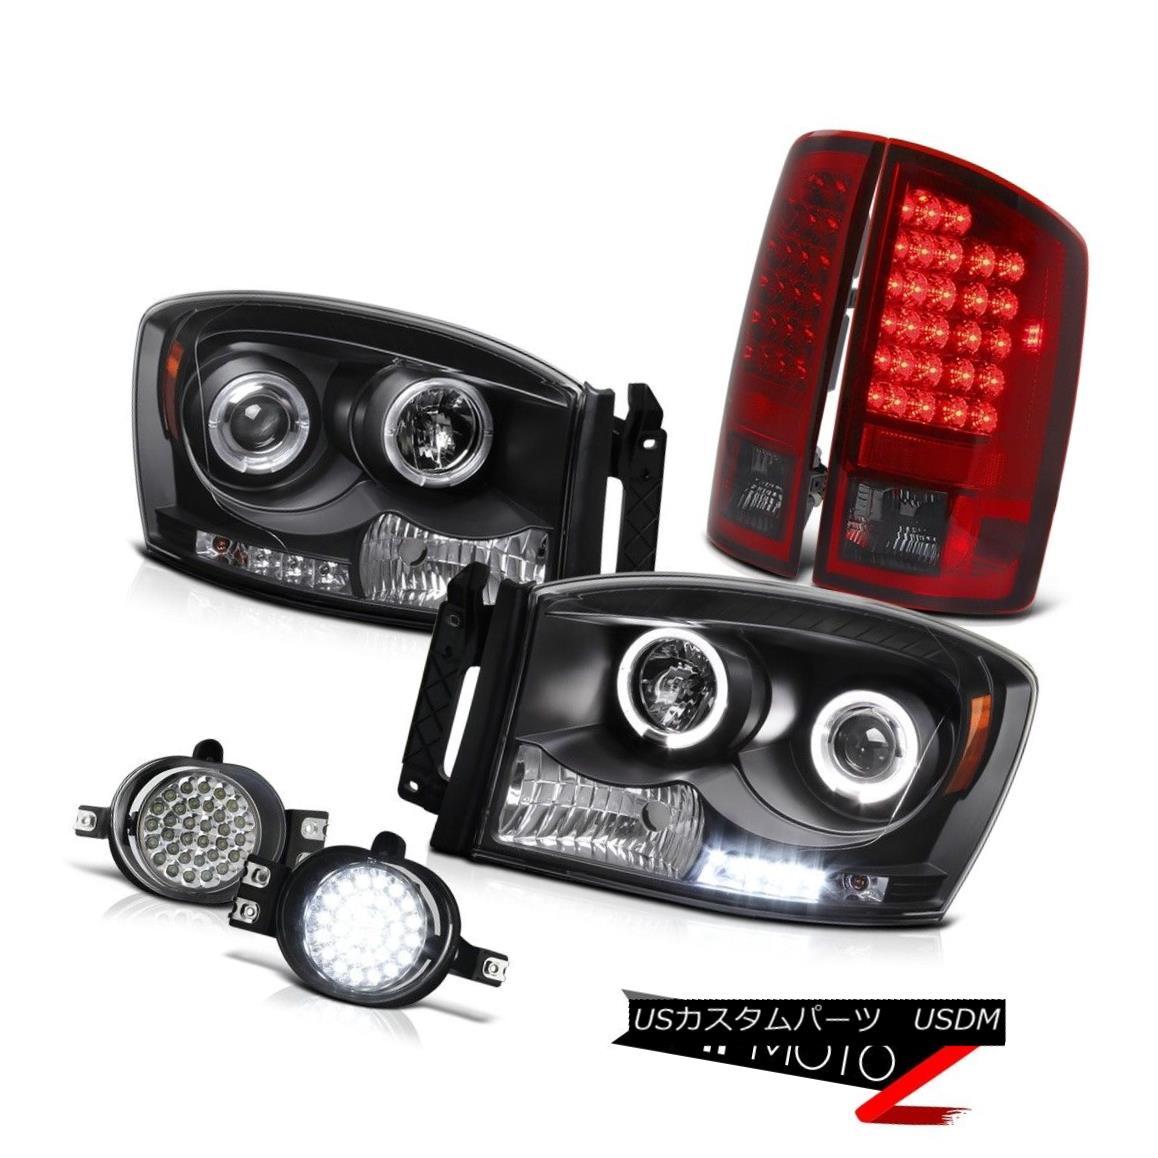 テールライト 07-08 RAM 1500/2500/3500 {BLACK} Halo Projector Headlamps+LED Taillight+Fog Lamp 07-08 RAM 1500/2500/3500 {BLACK}ヘイロープロジェクターヘッドランプ+ LEDテールライト+フォグランプ